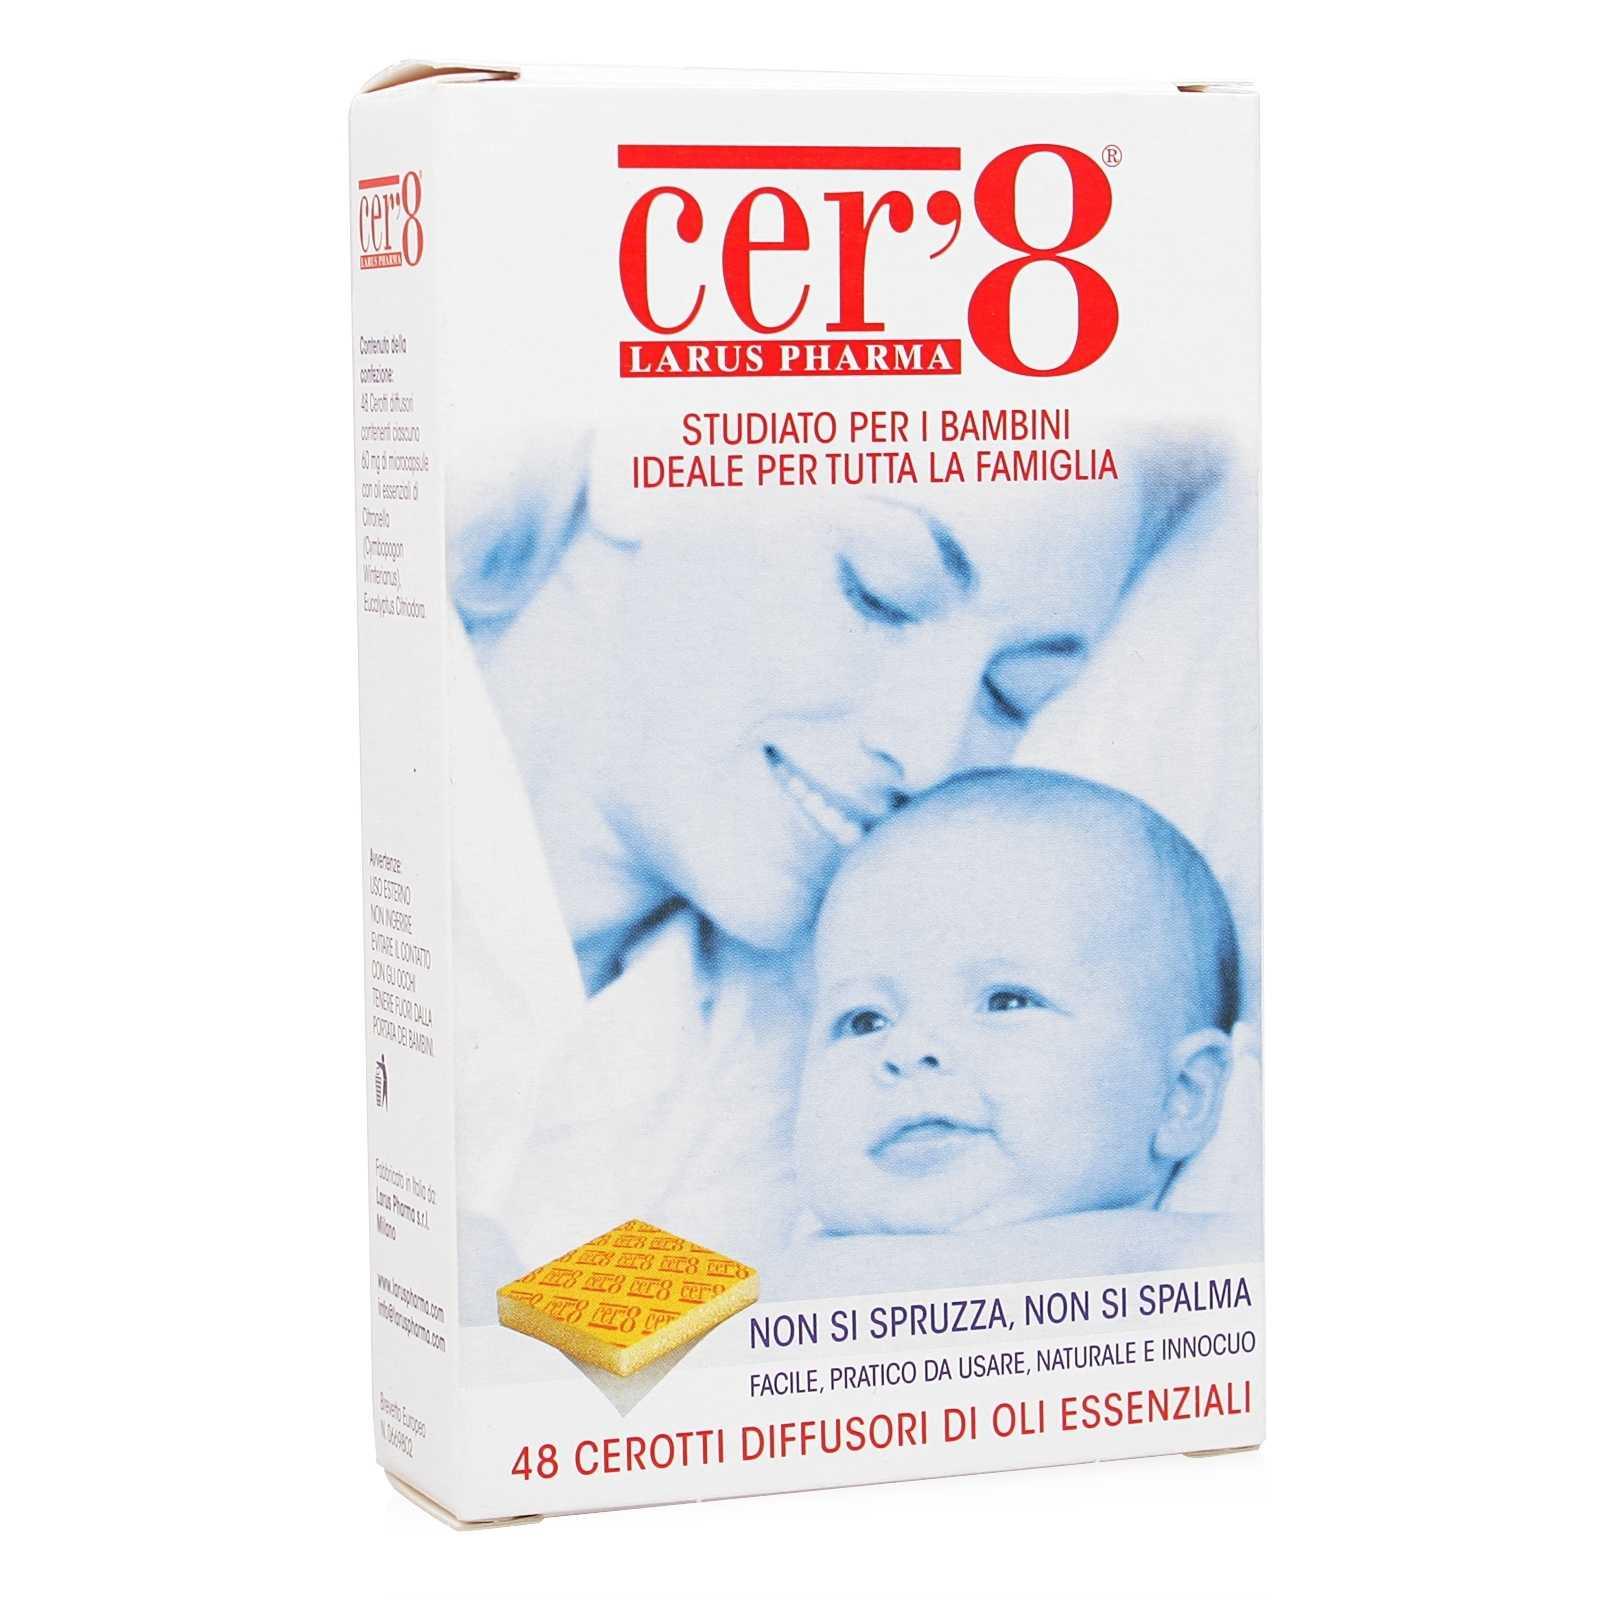 Larus Pharma - Cer'8 - Cerotti diffusori di oli essenziali